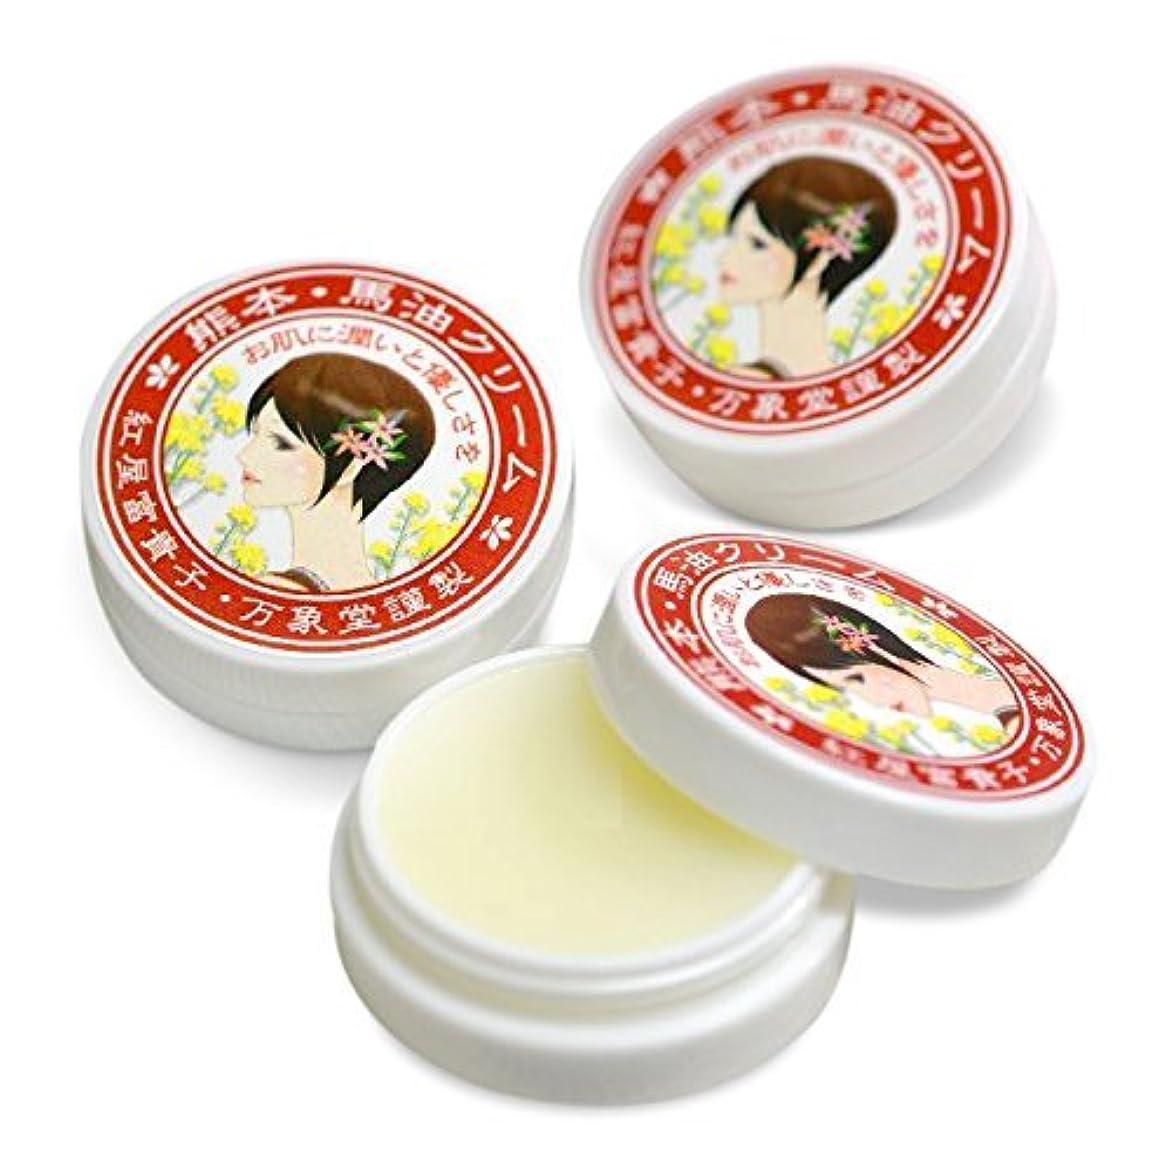 みがきます解明やる森羅万象堂 馬油クリーム 10g×3個 (ラベンダーの香り)精油 アロマ 国産 保湿 スキンクリーム